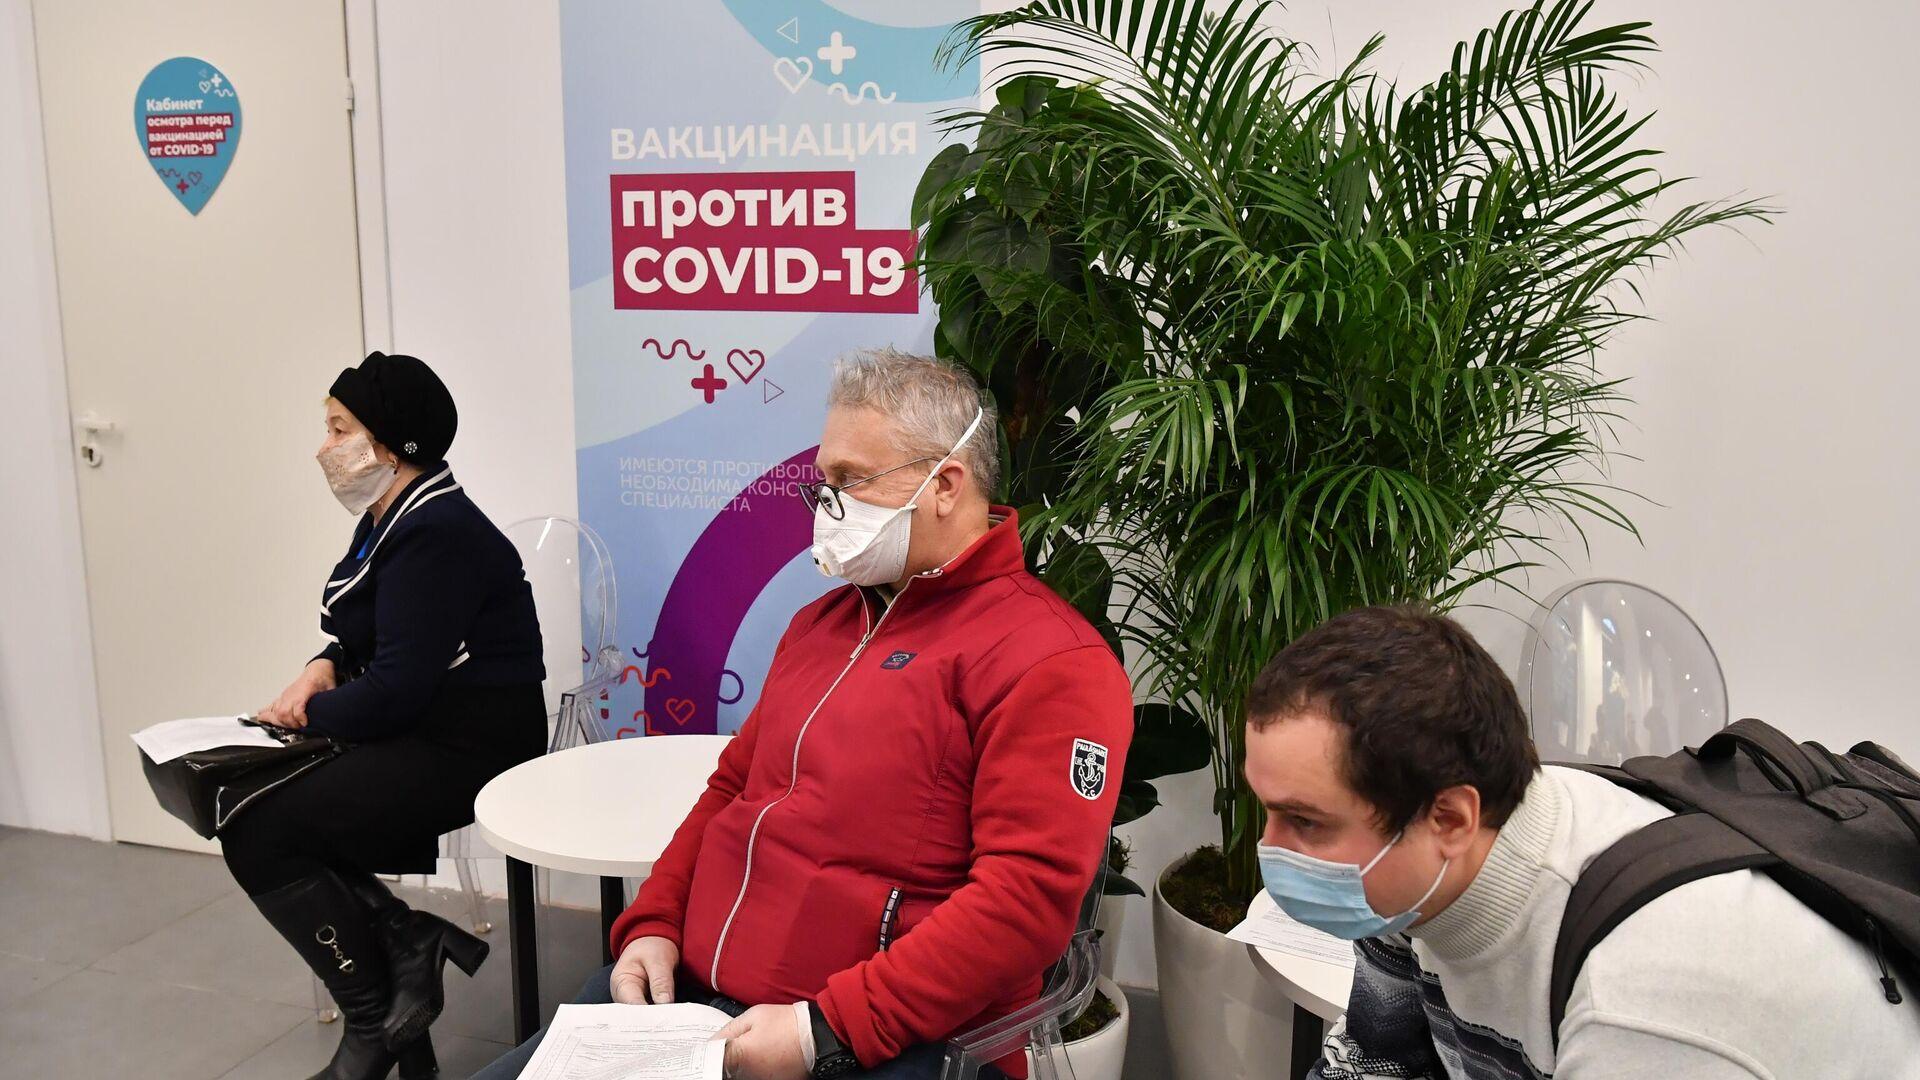 Люди возле пункта вакцинации от коронавируса в ГУМе в Москве - РИА Новости, 1920, 19.01.2021